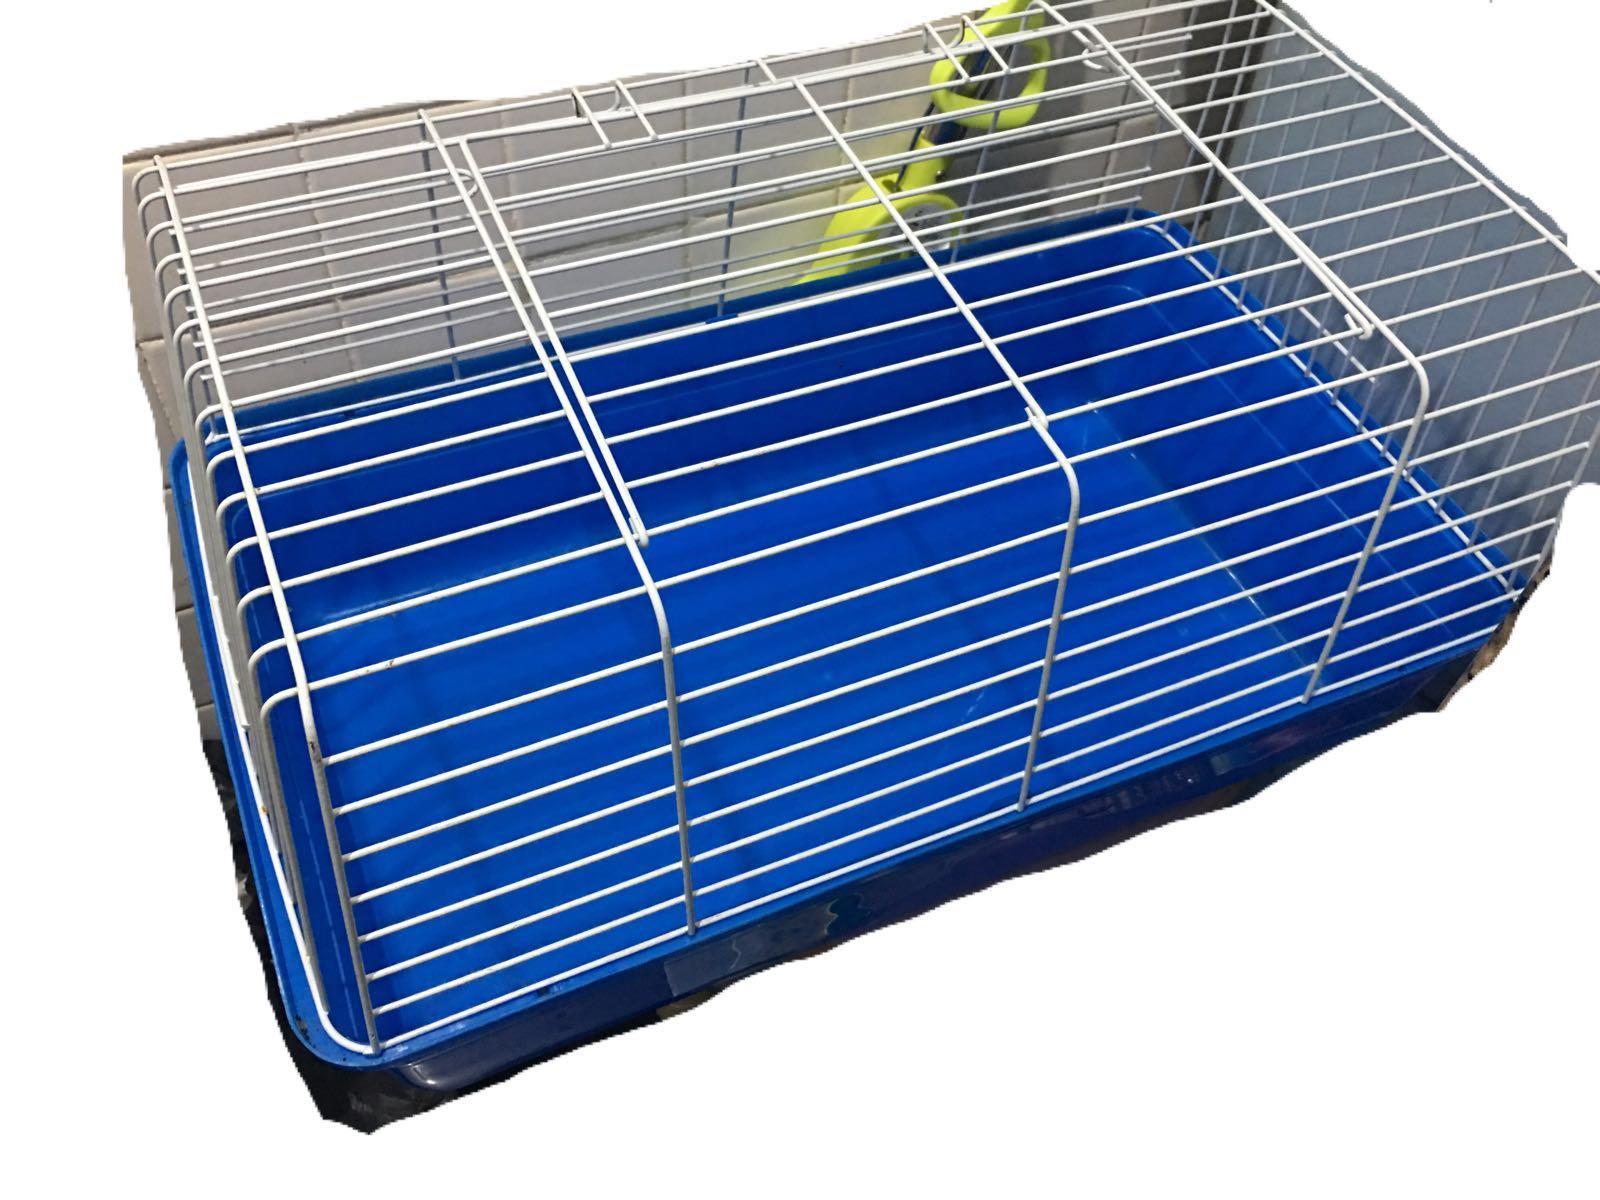 Alex 天竺鼠籠(blue)